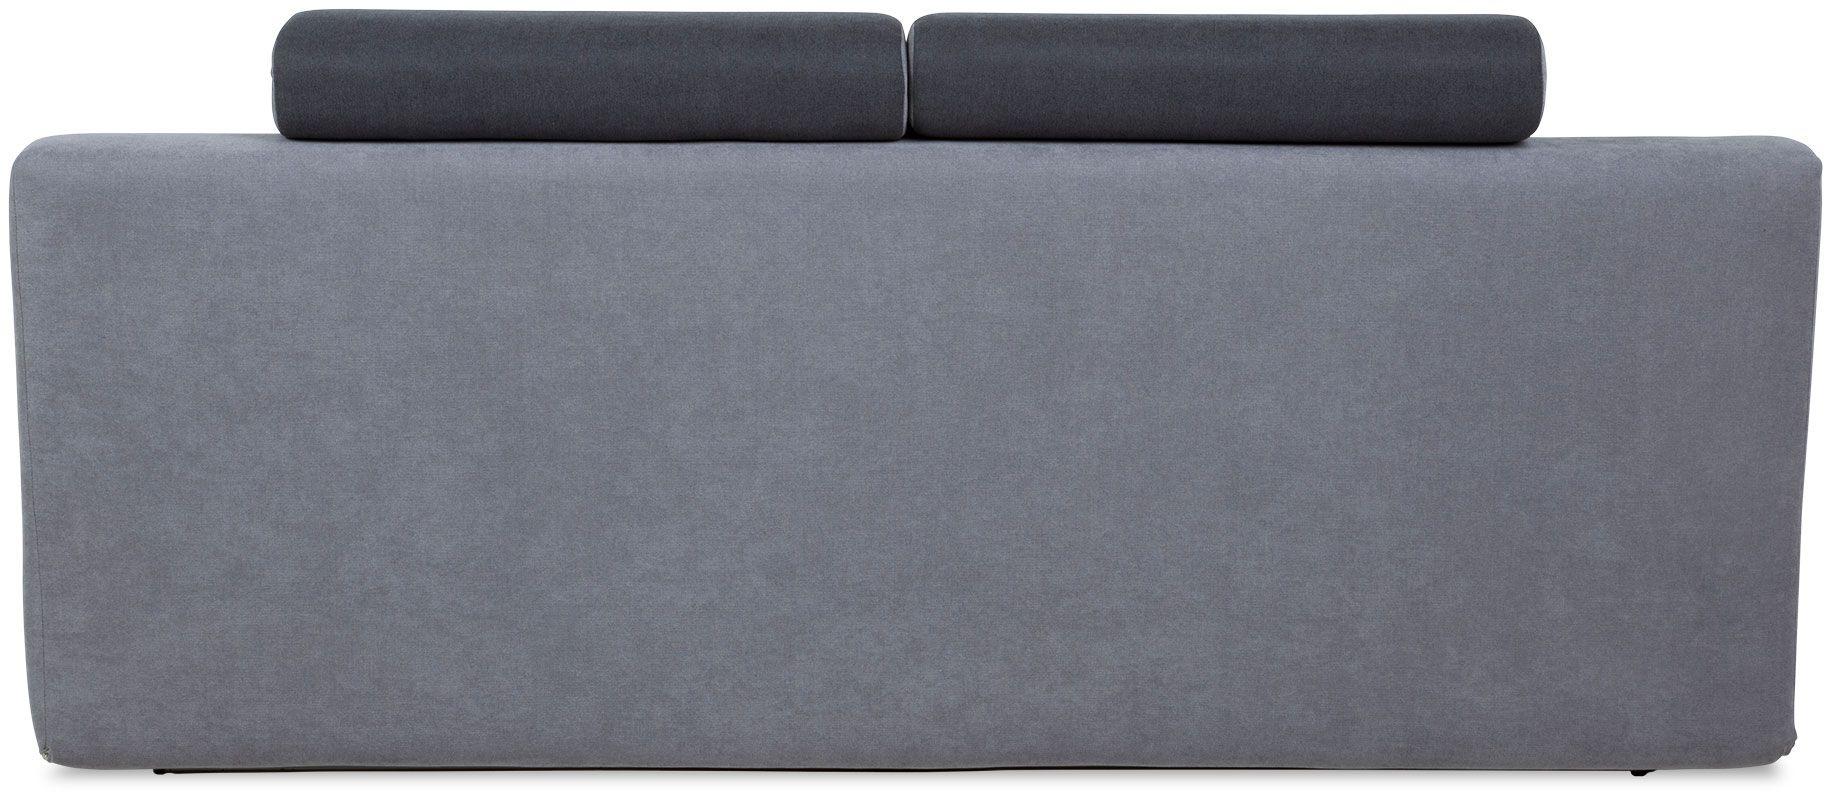 sofa lora 9